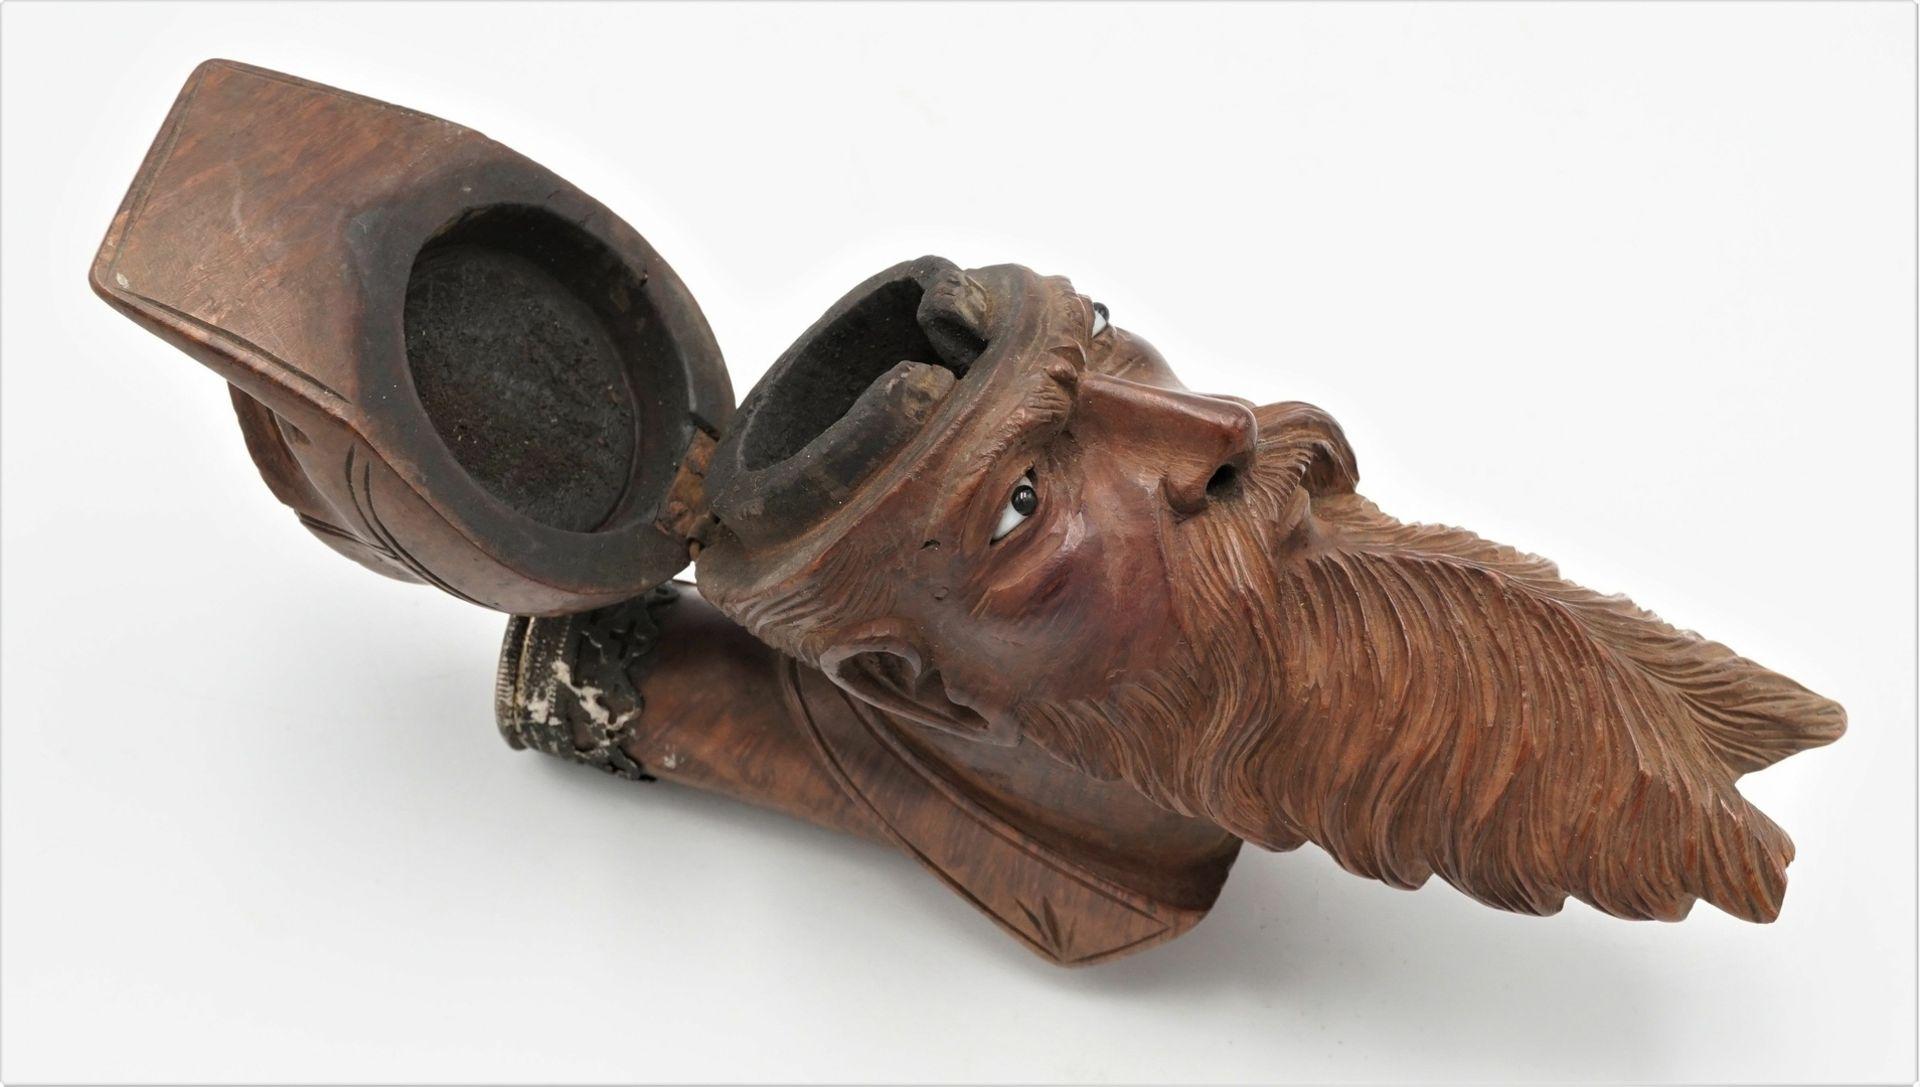 Pfeifenkopf in Form eines bärtigen Mannes mit Mütze, 19./20. Jh. - Bild 4 aus 4